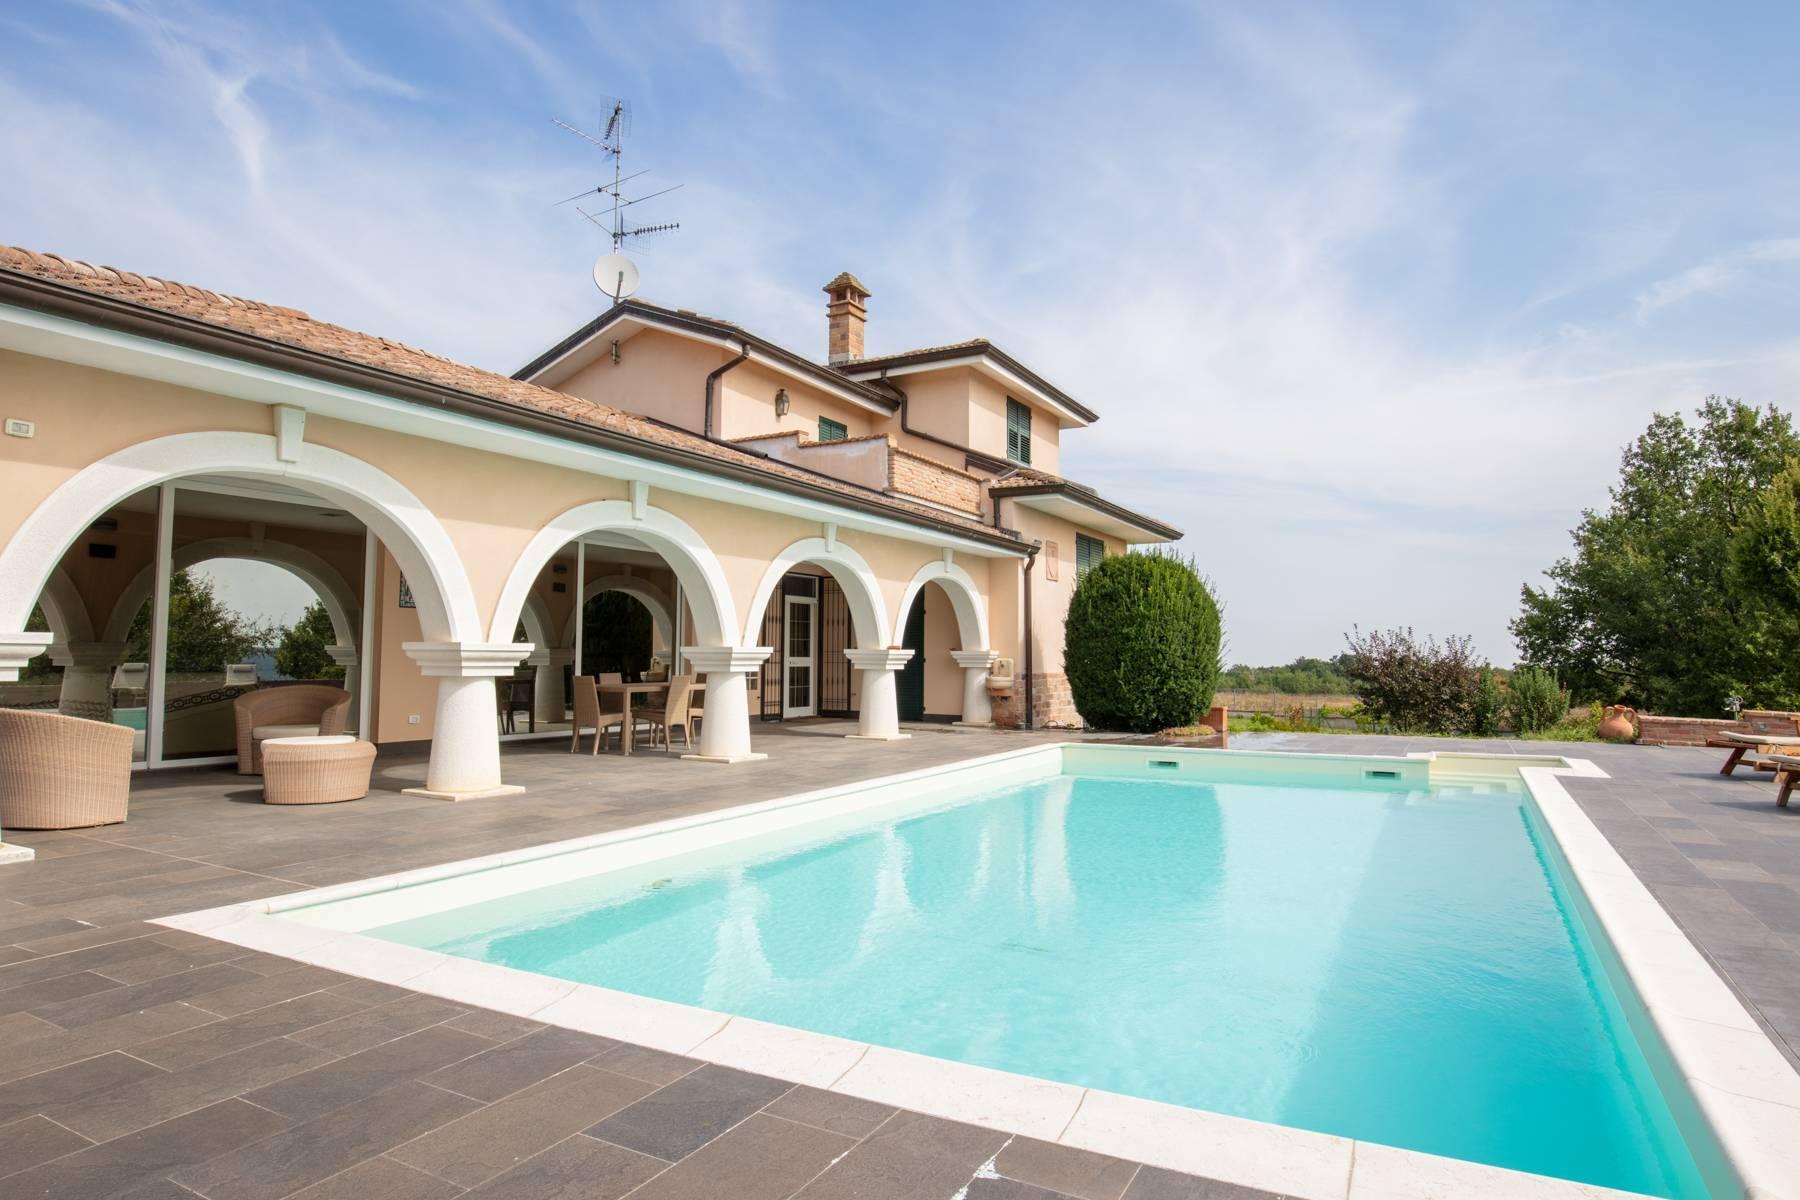 Villa con piscina nelle colline piacentine - 44